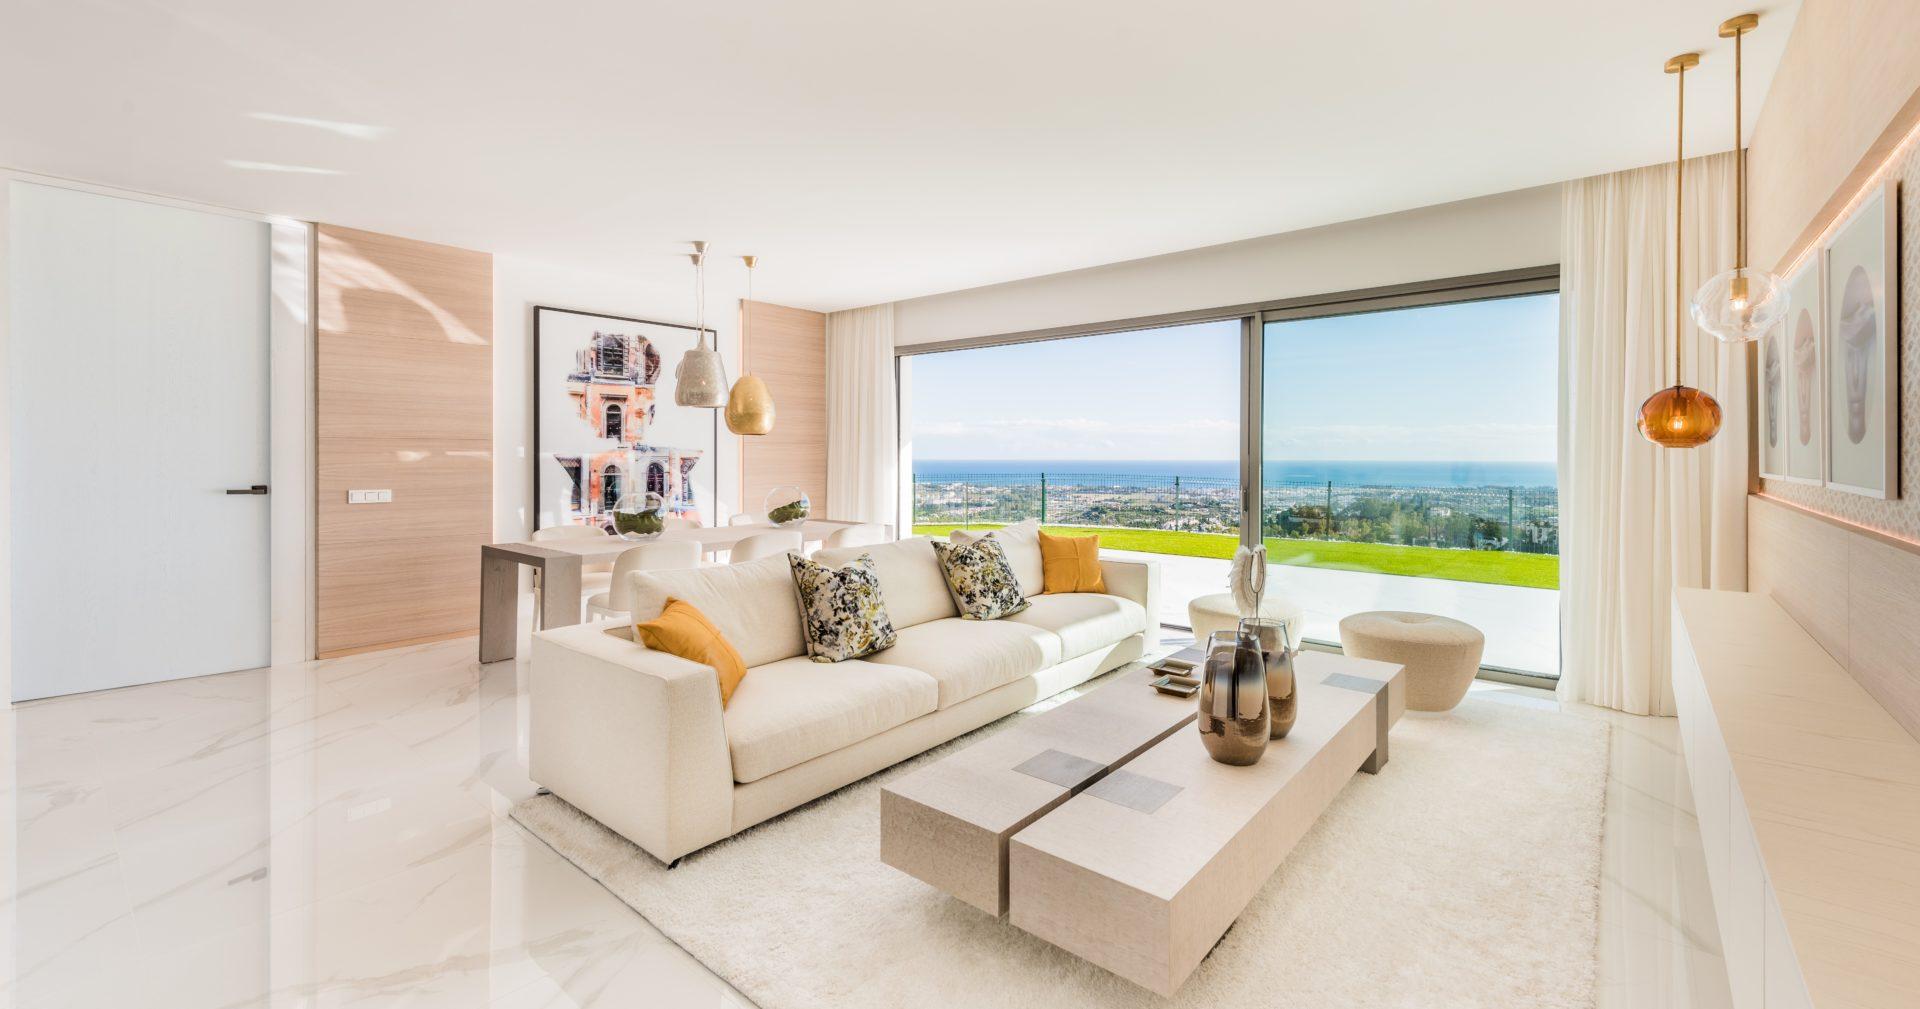 Apartamento en venta en Marbella con amplia terraza